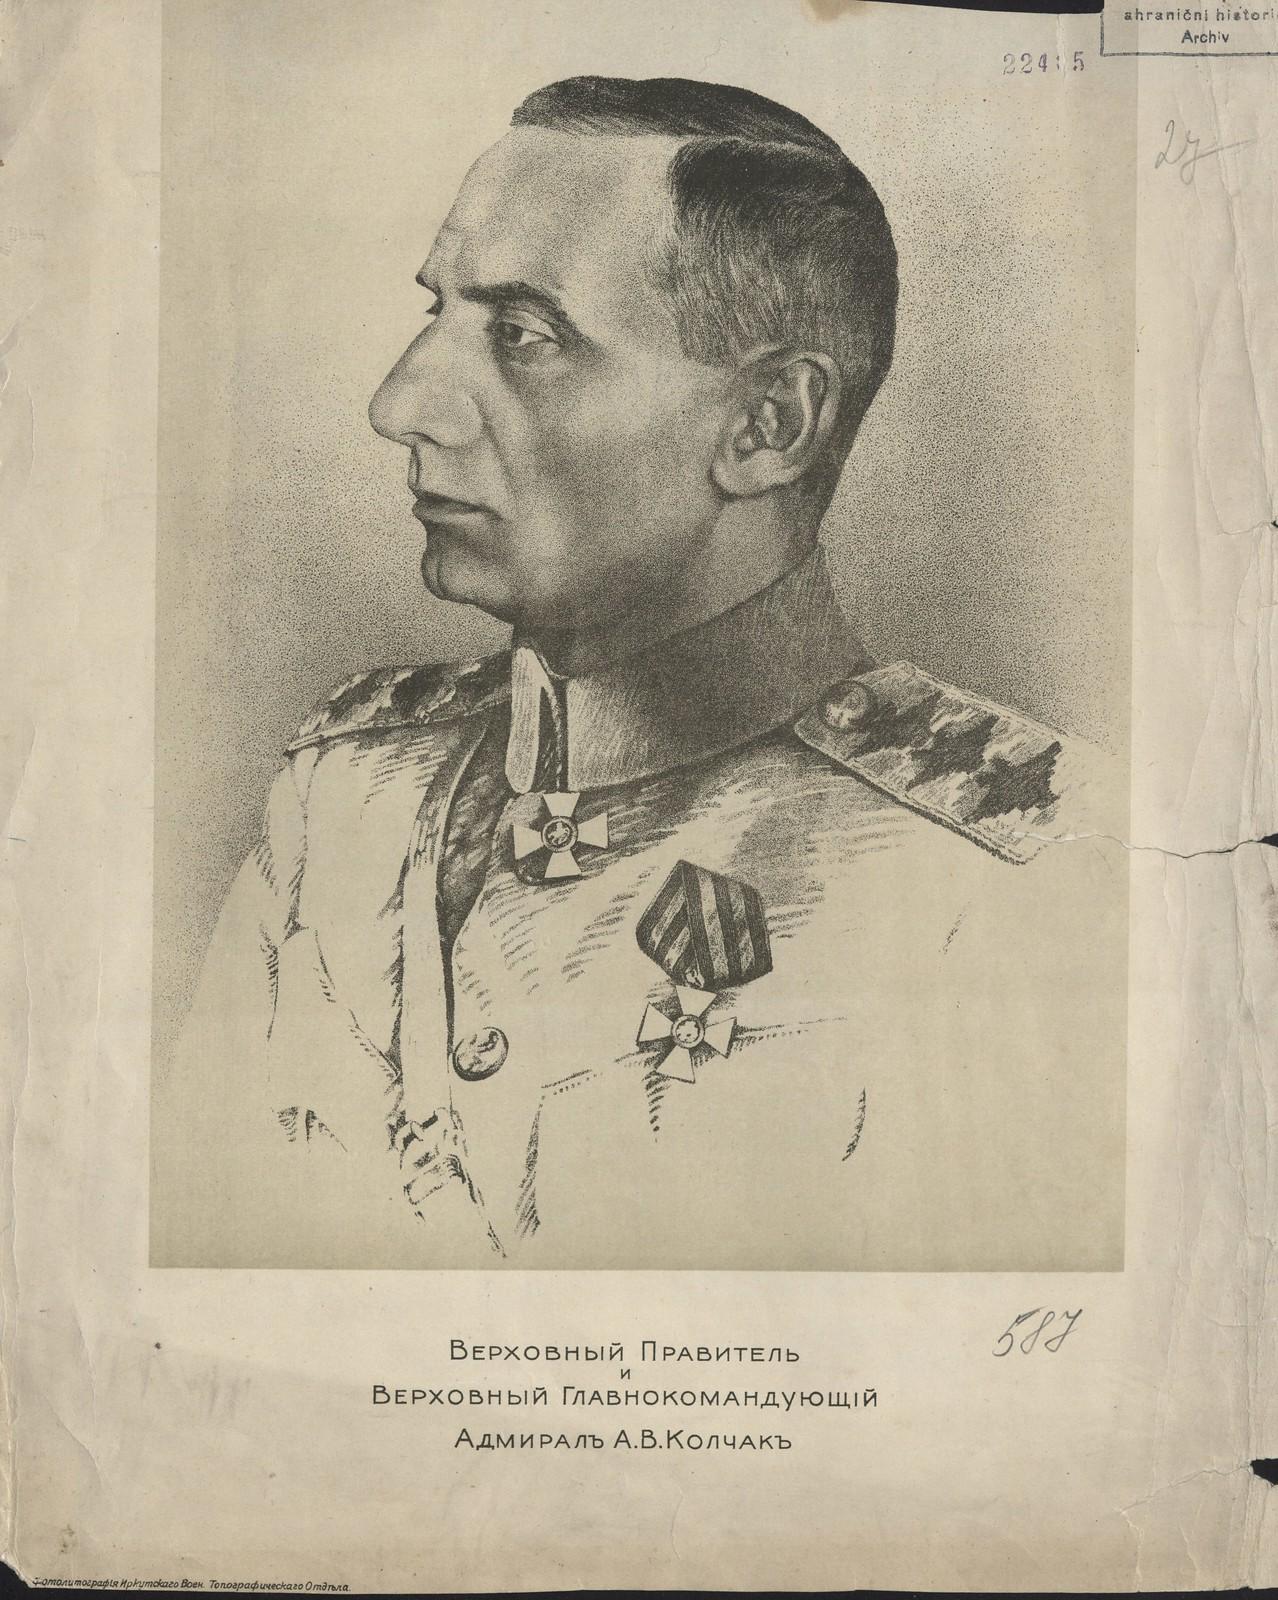 505. Адмирал А.В. Колчак